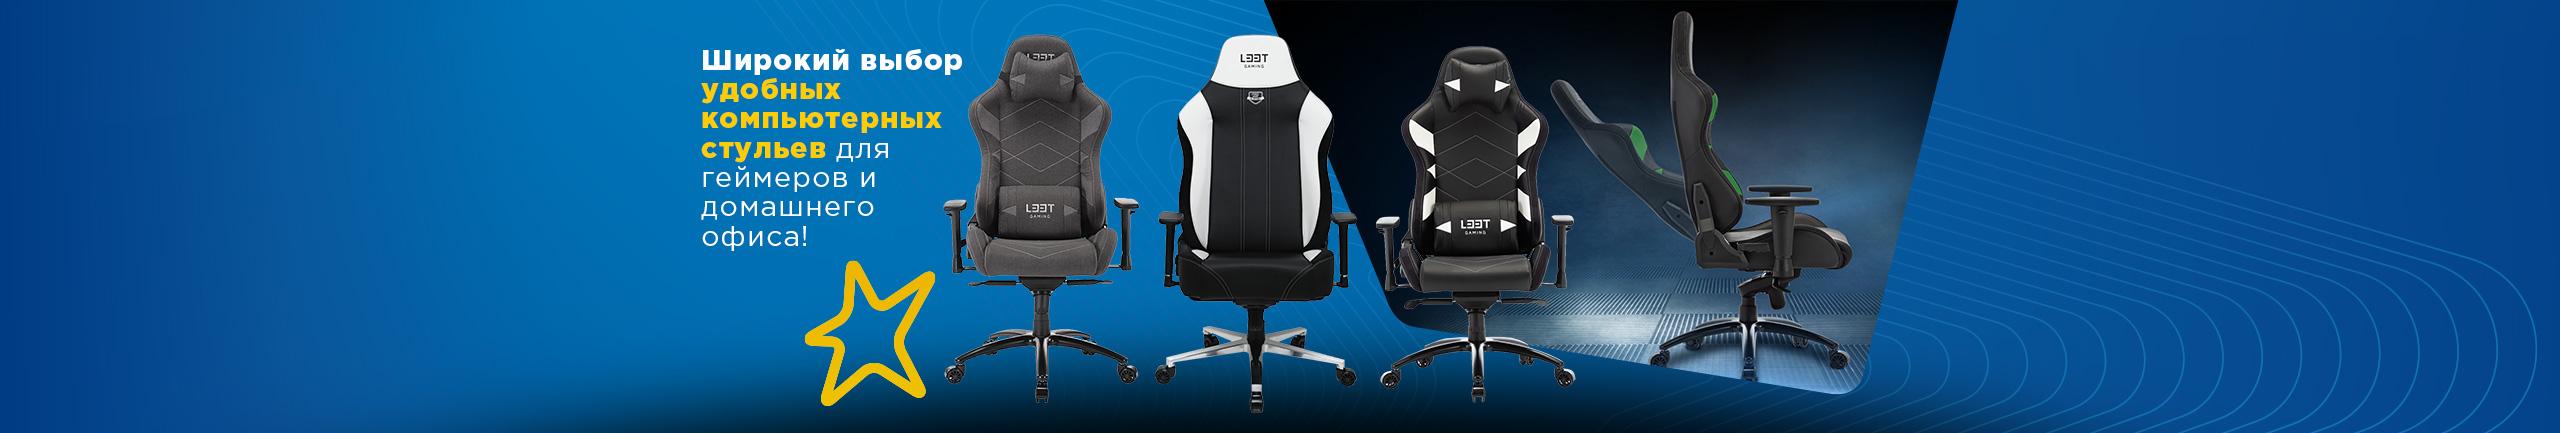 Широкий выбор удобных компьютерных стульев для геймеров и домашнего офиса!